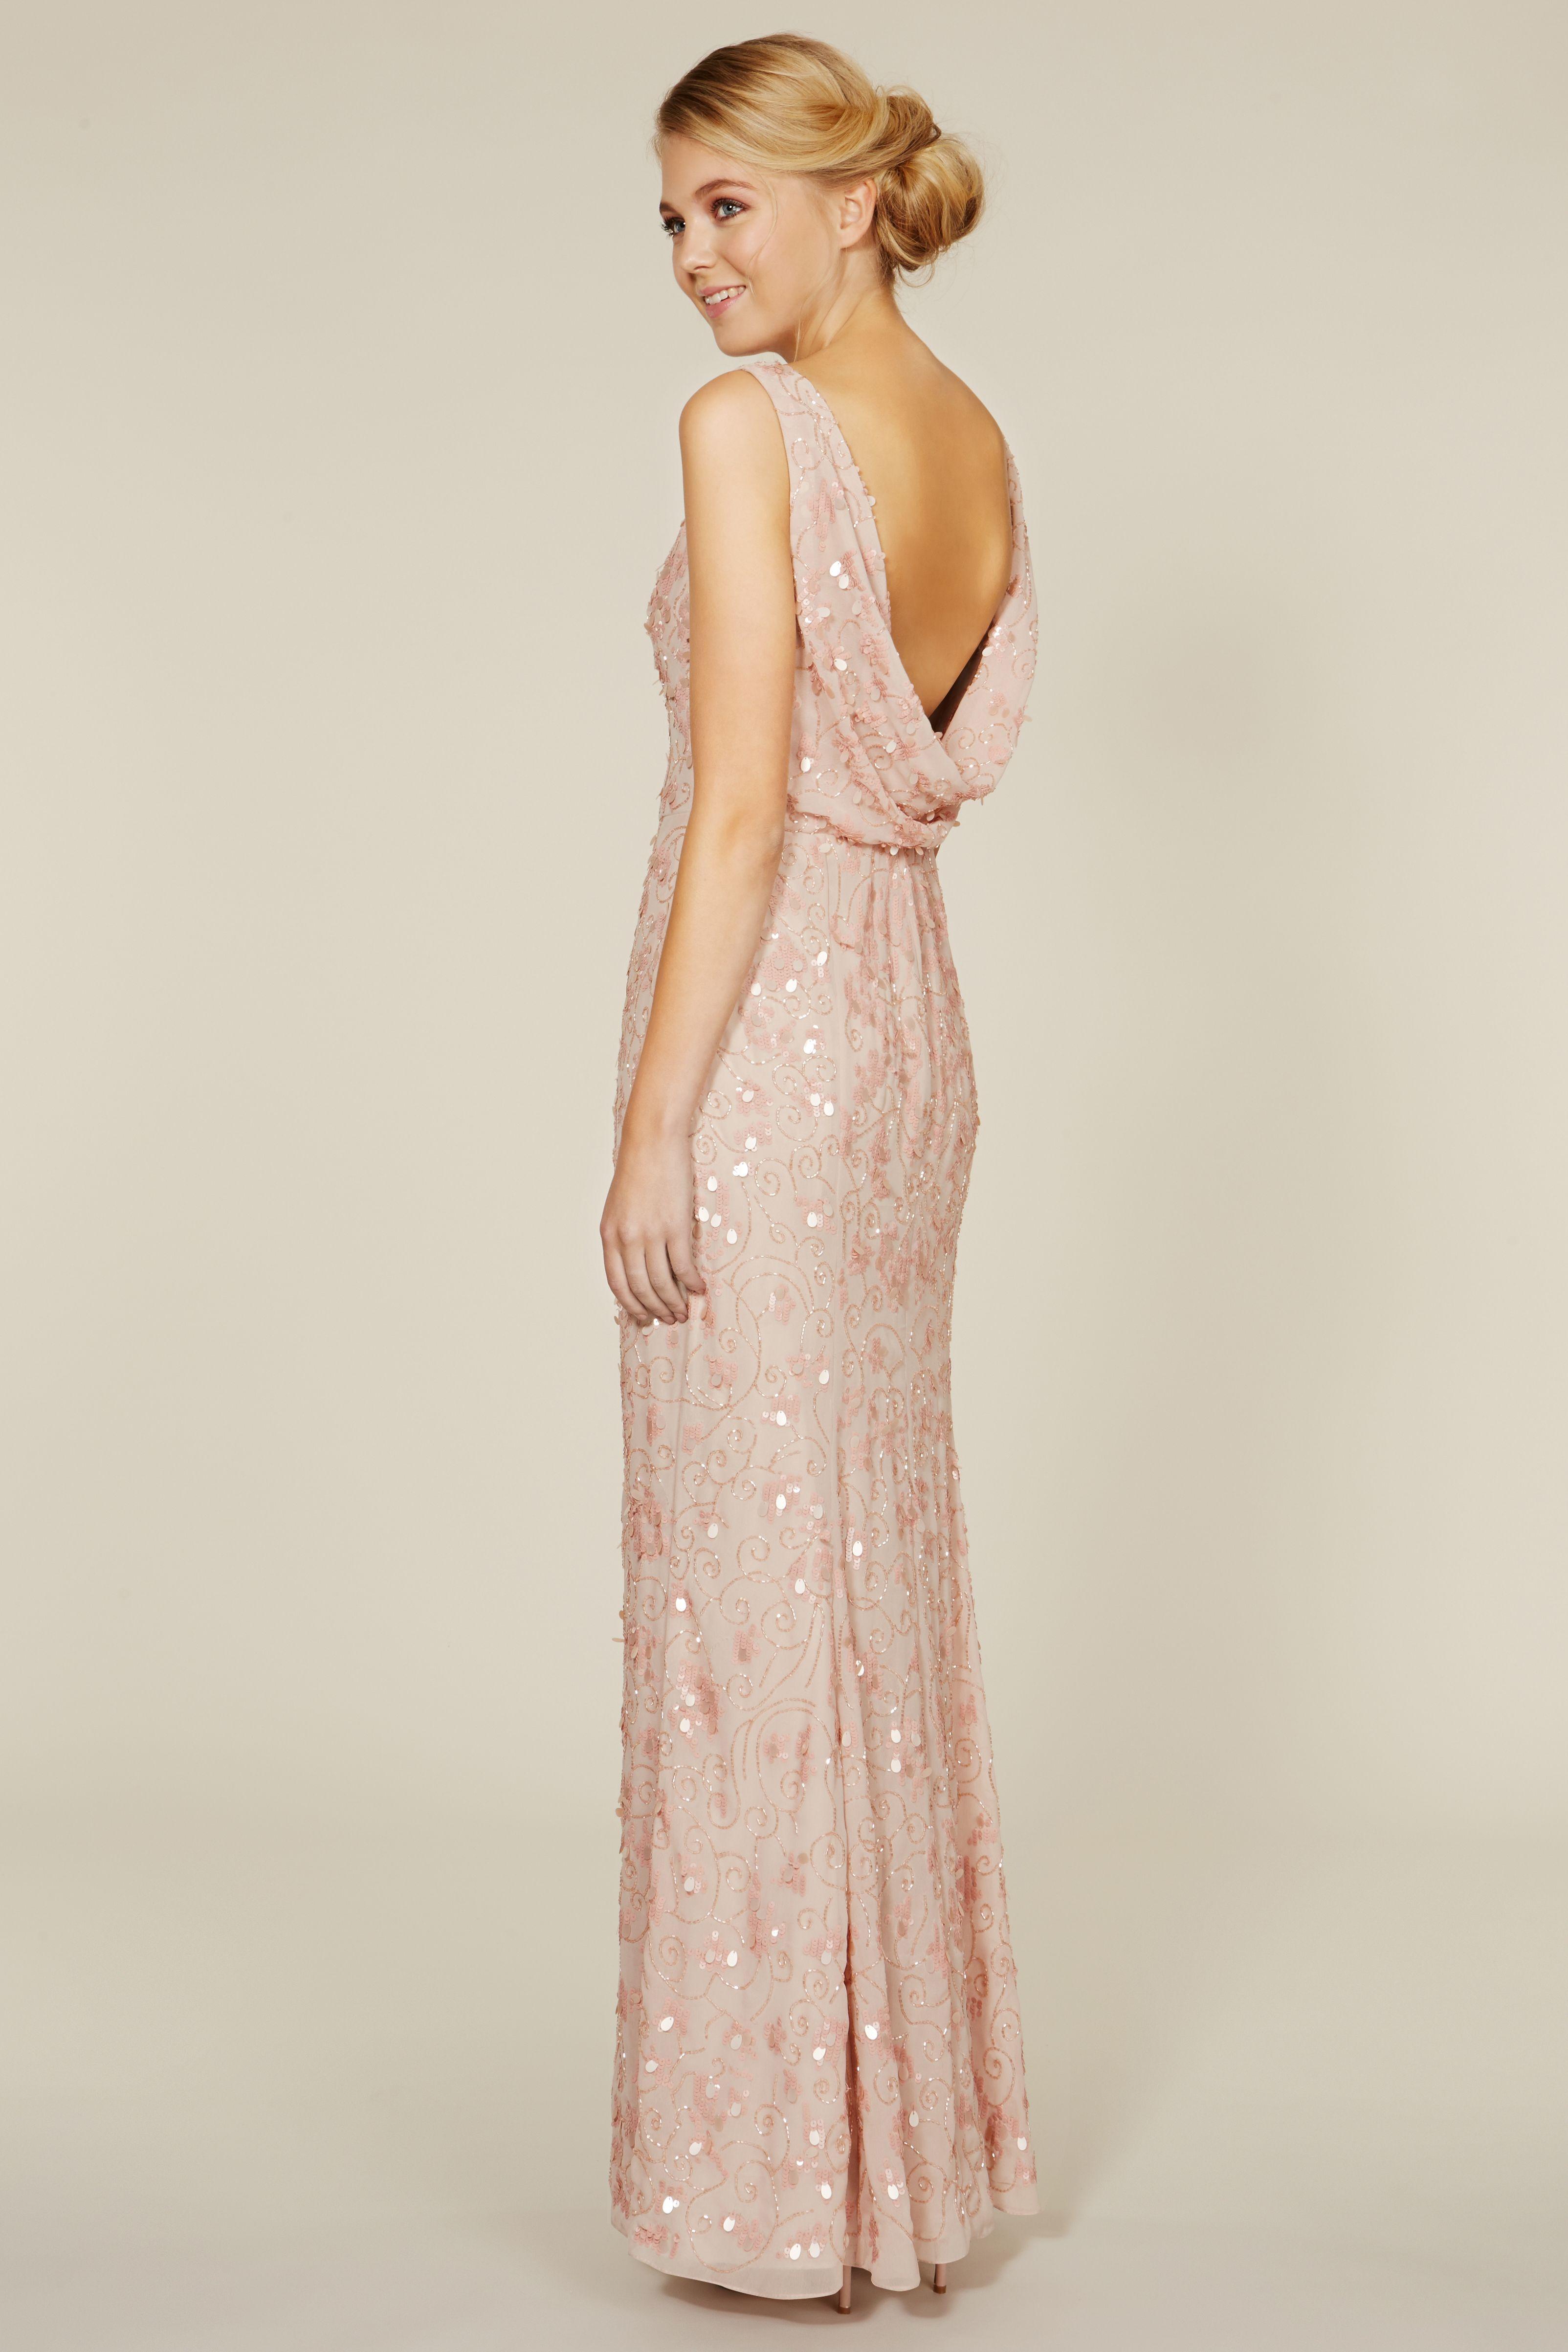 239090eb Felix Sequin Maxi Dress (£350) | bridesmaid dresses | Bridesmaid ...